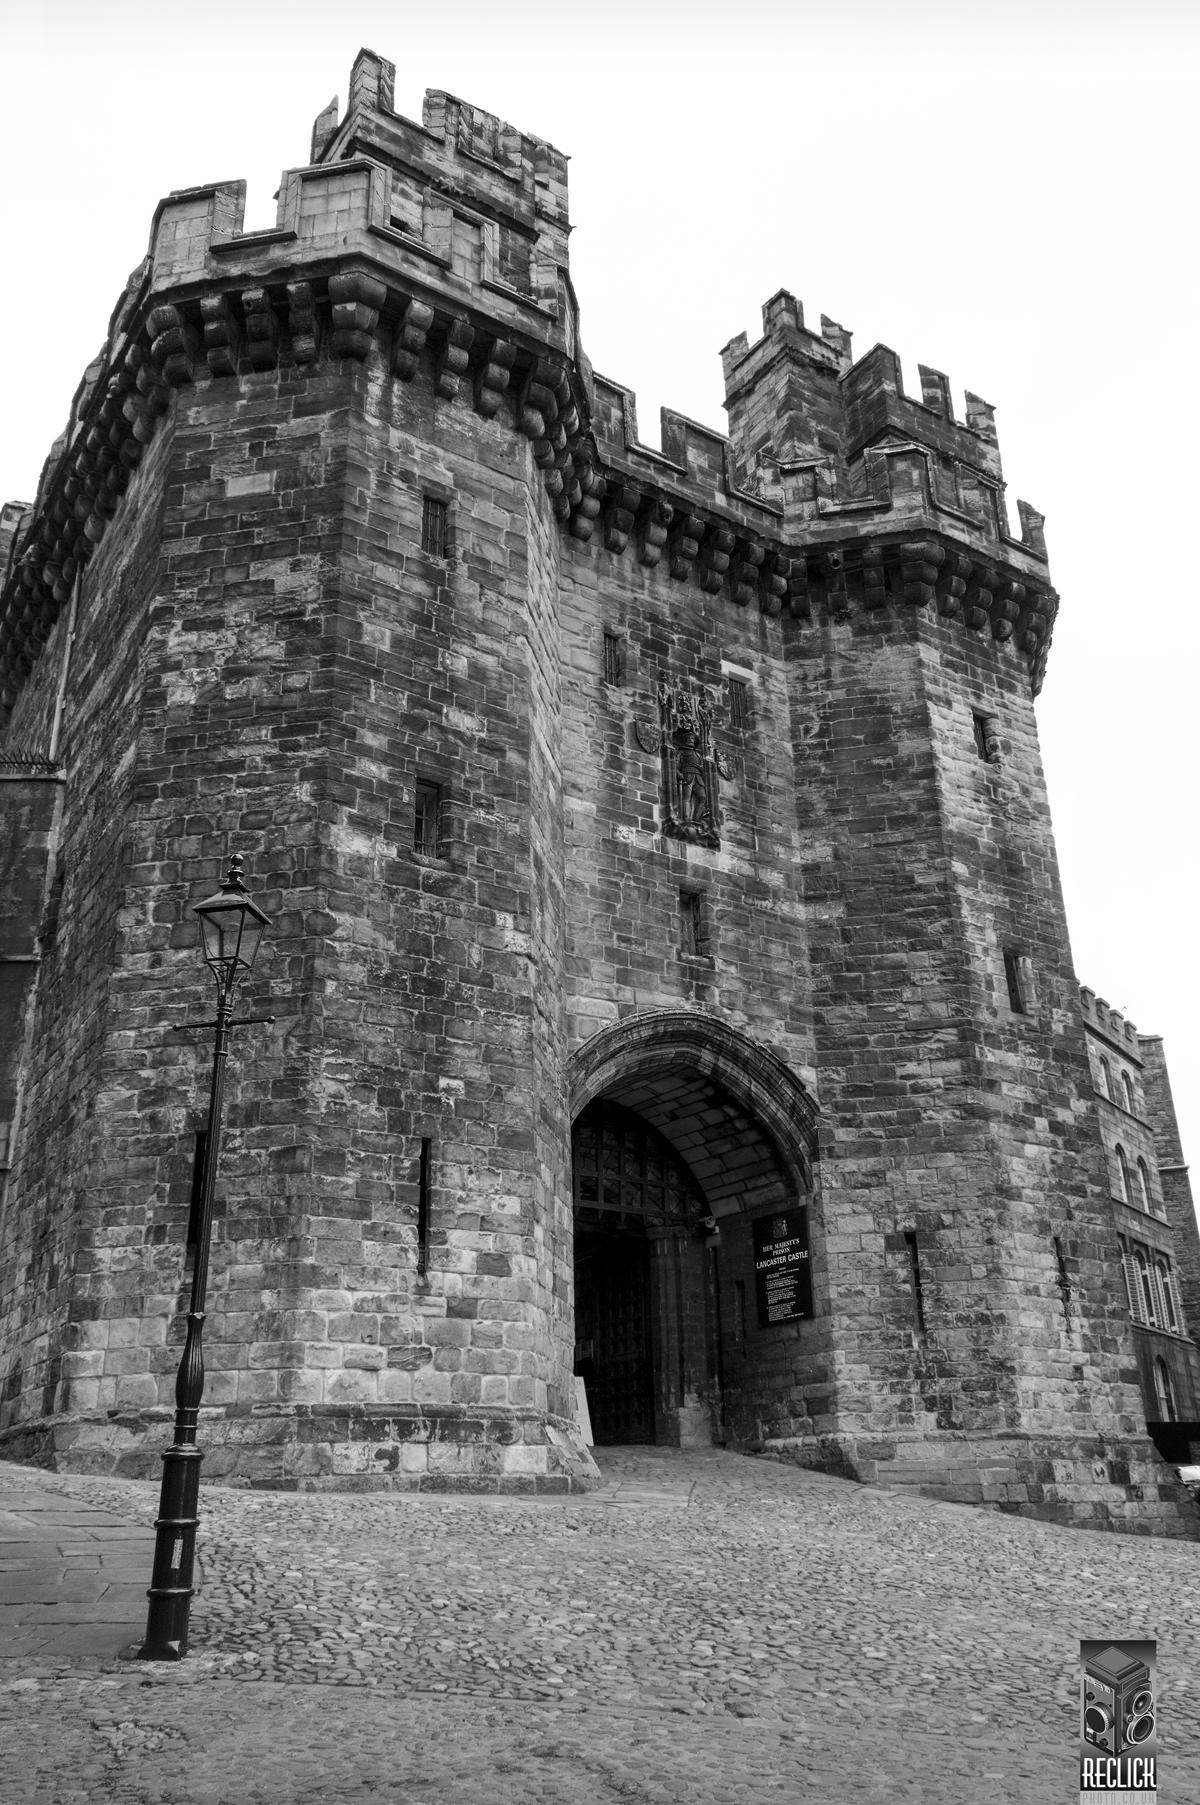 Lancaster castle England Lancashire heritage history tourism tourist attraction medieval prison court jail